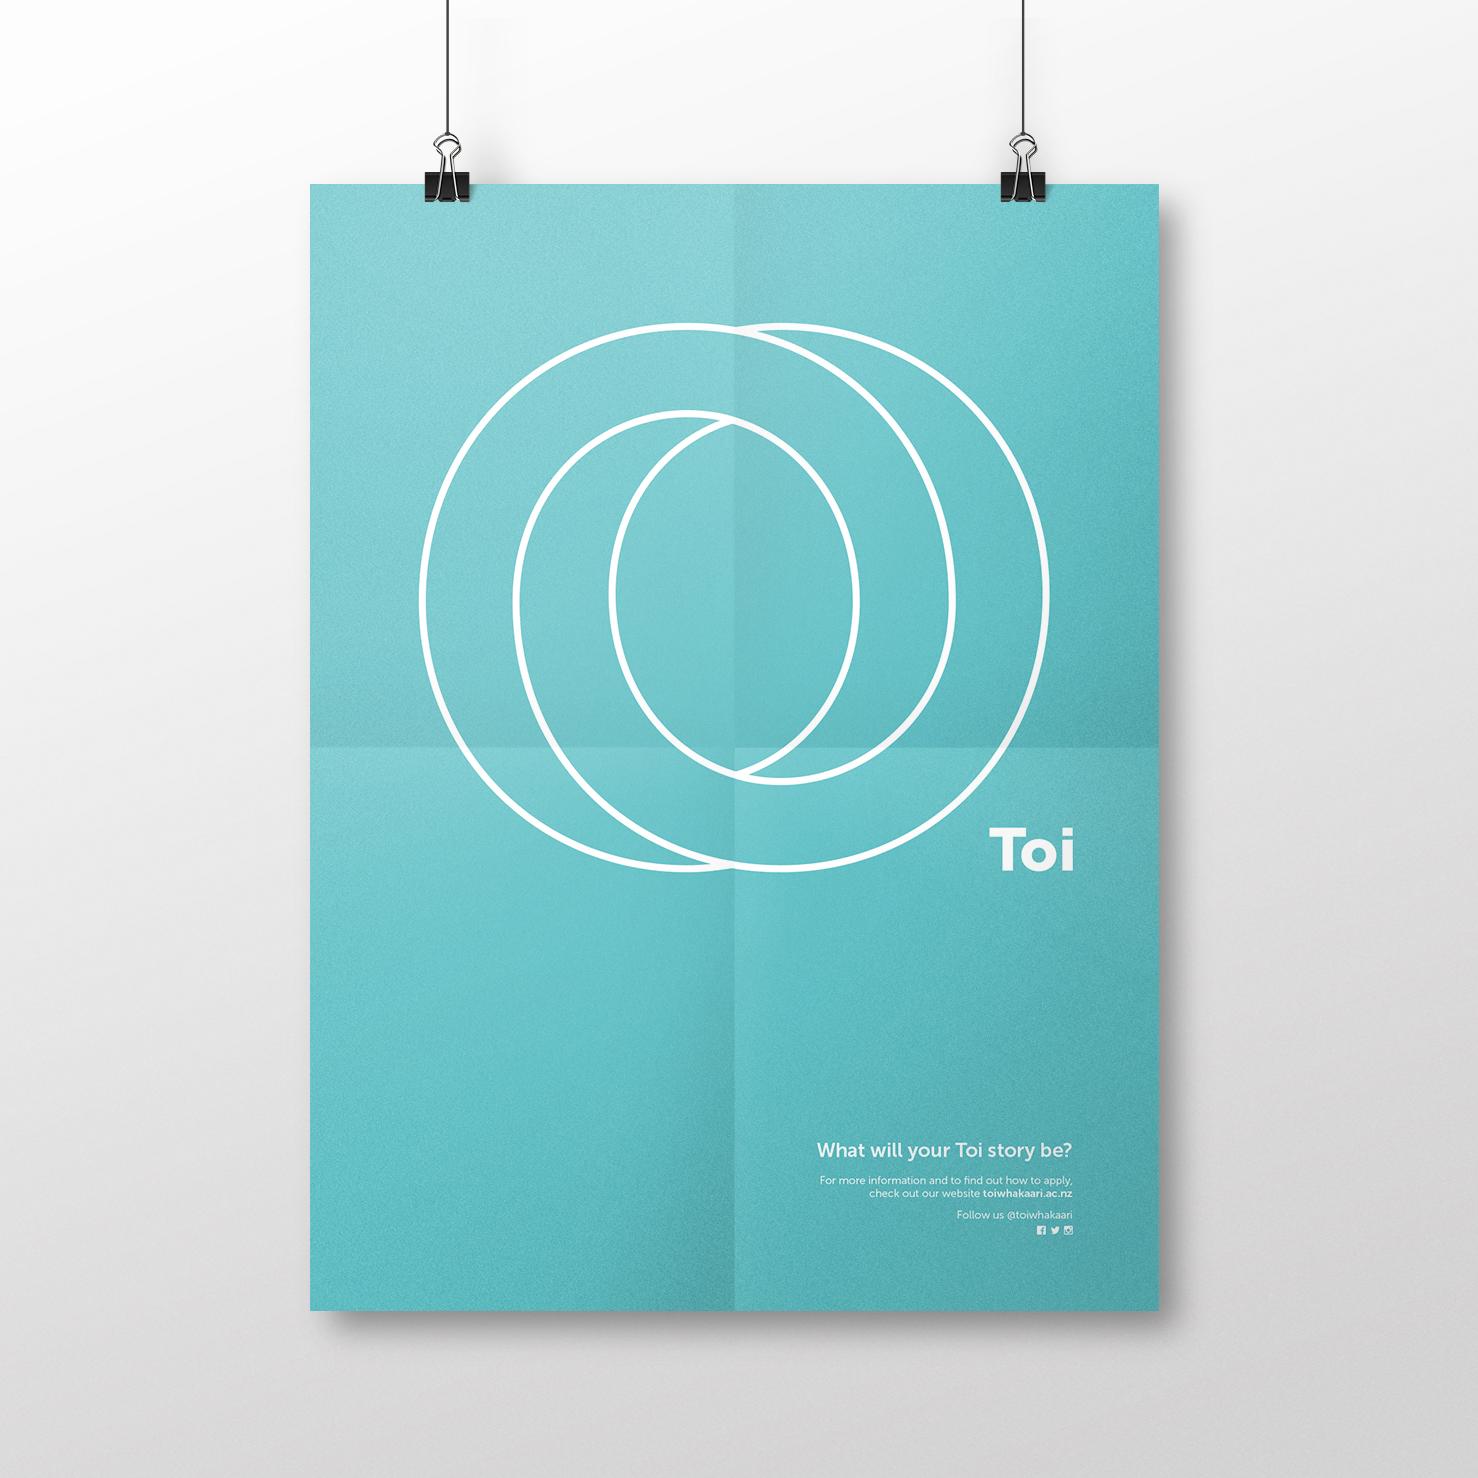 Toi-Poster Generic-2.jpg